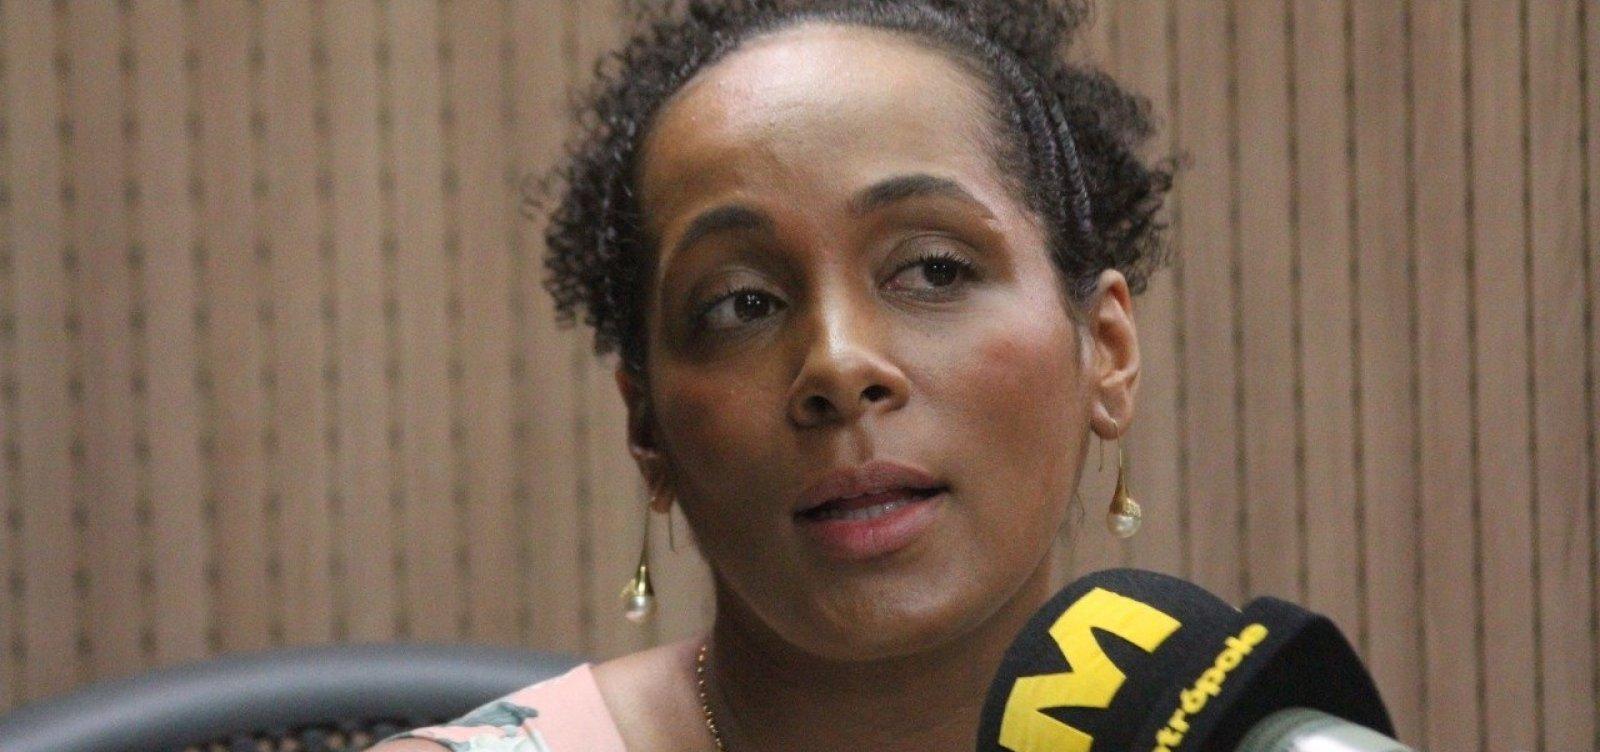 'Passei 12 anos tentando provar que era promotora', diz Lívia Vaz sobre vivência do racismo